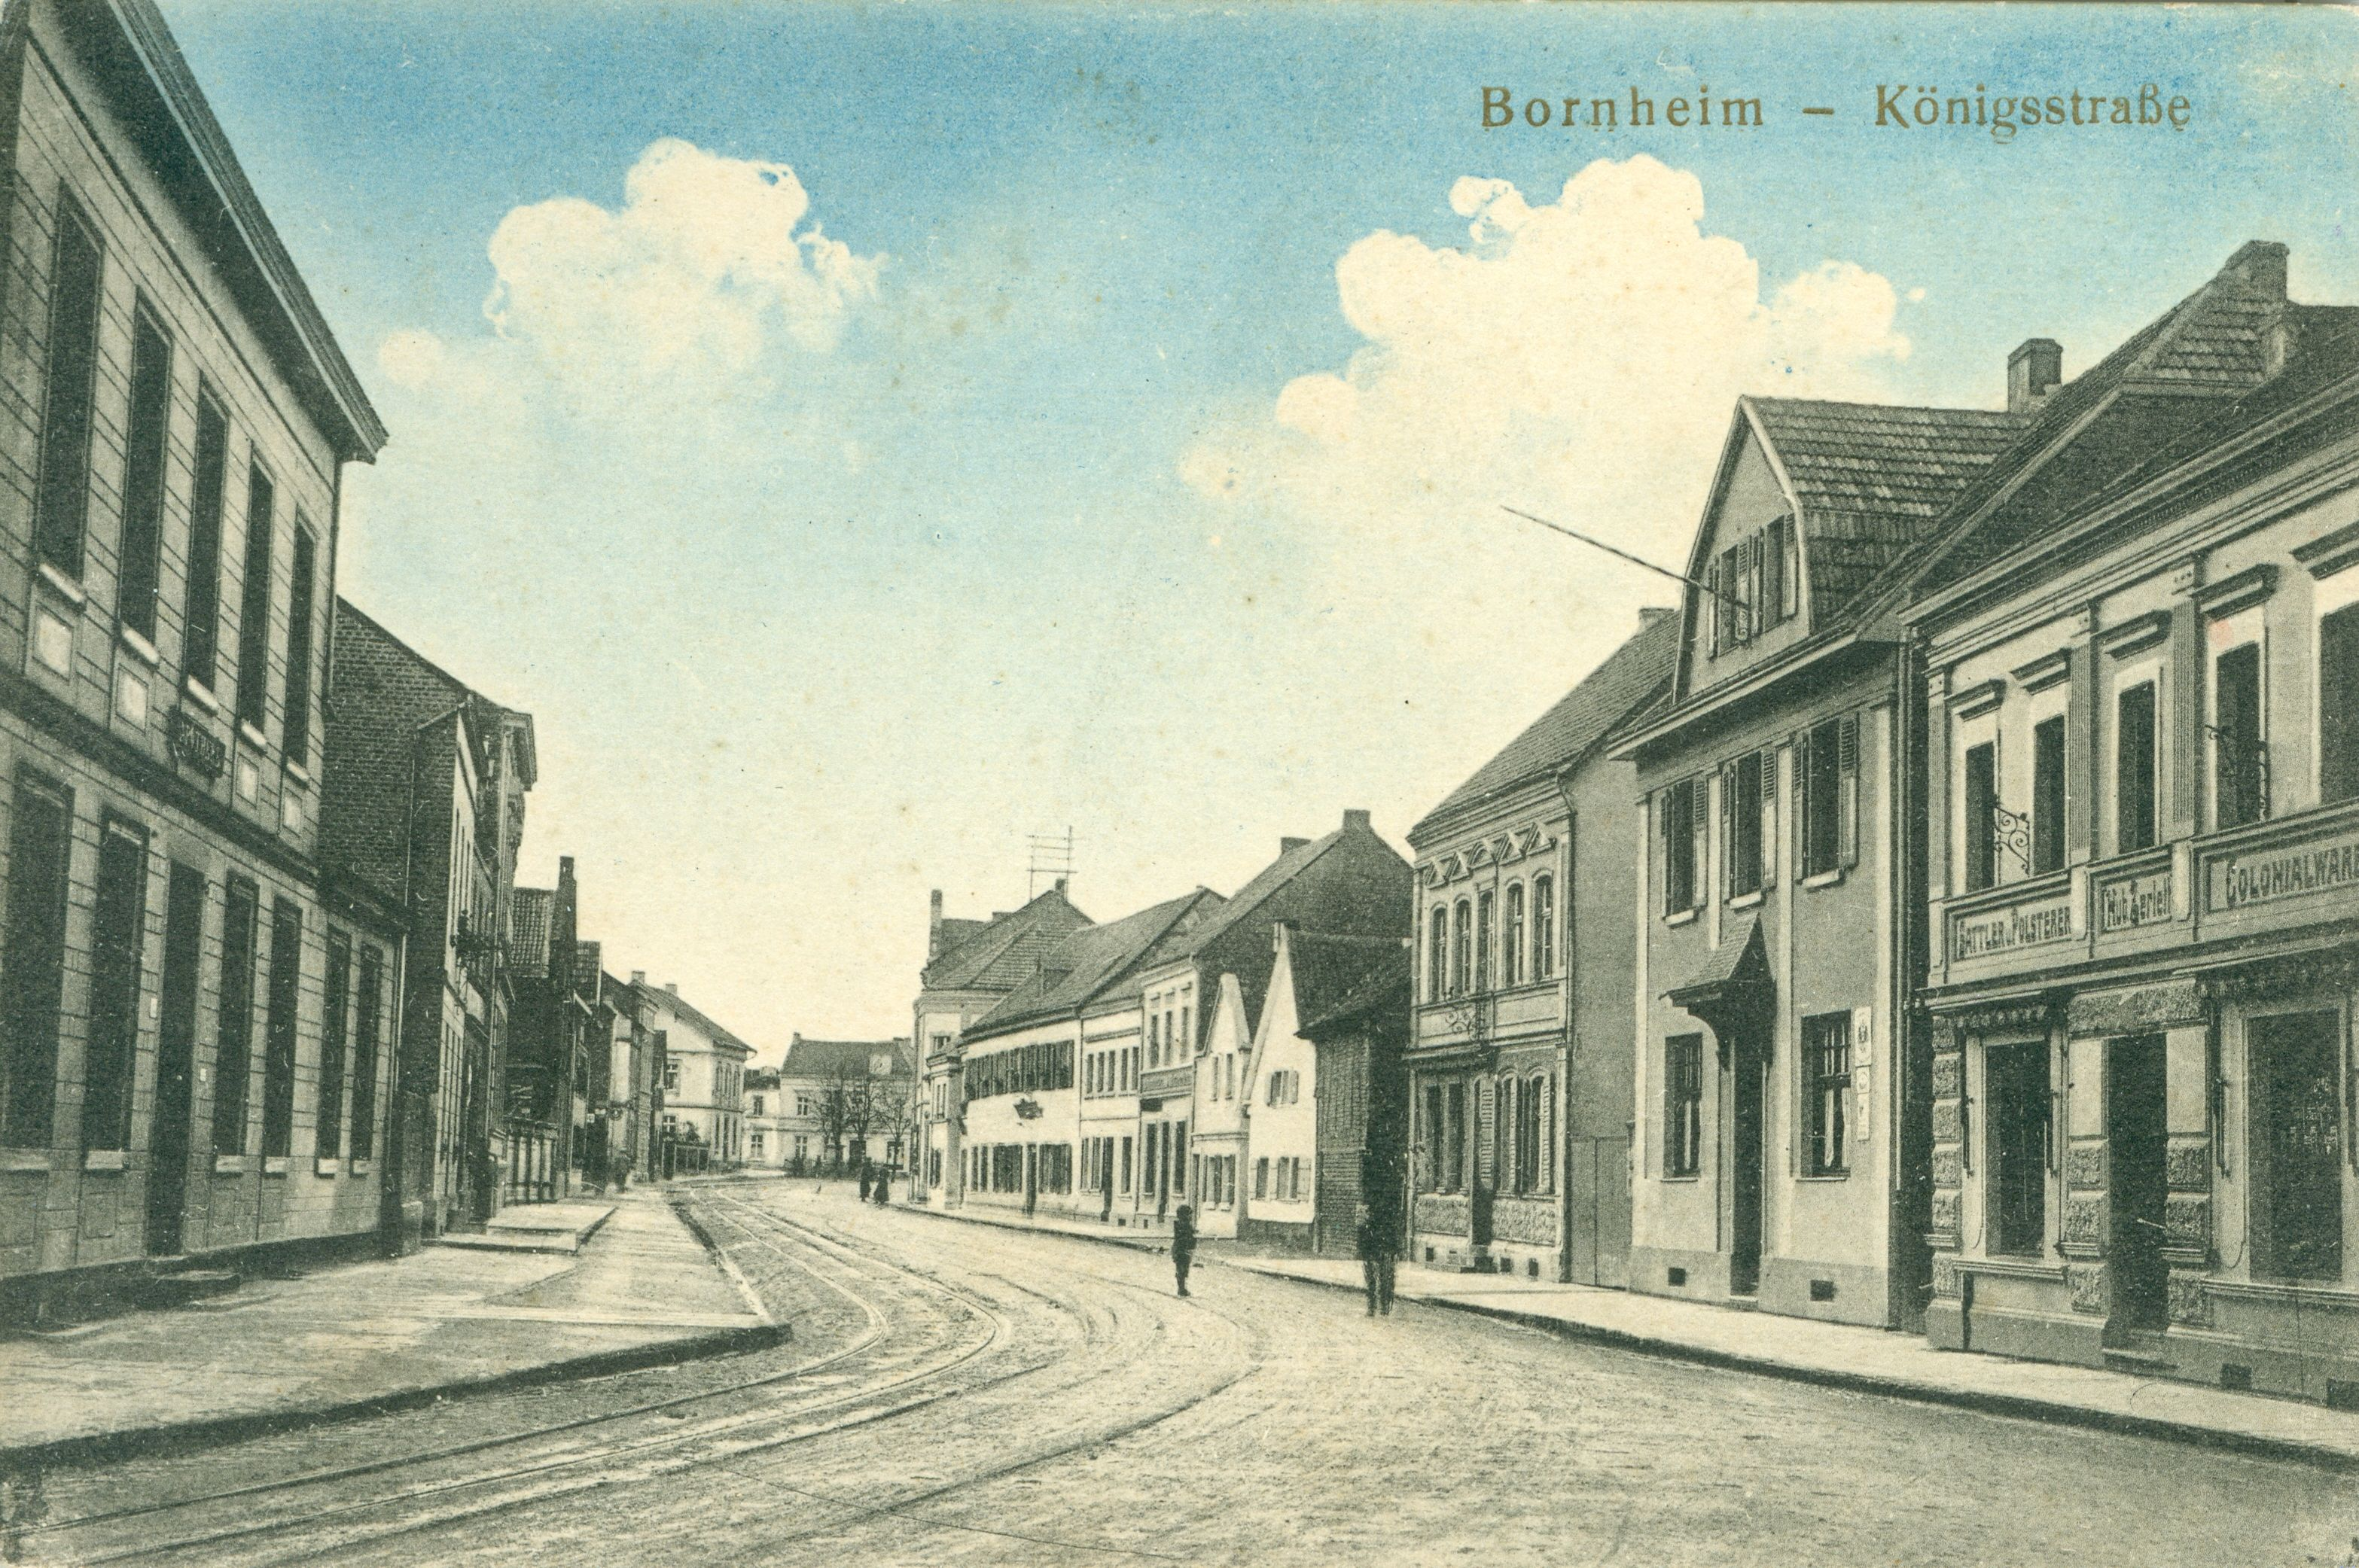 Bildergebnis für bornheim rheinland historisch